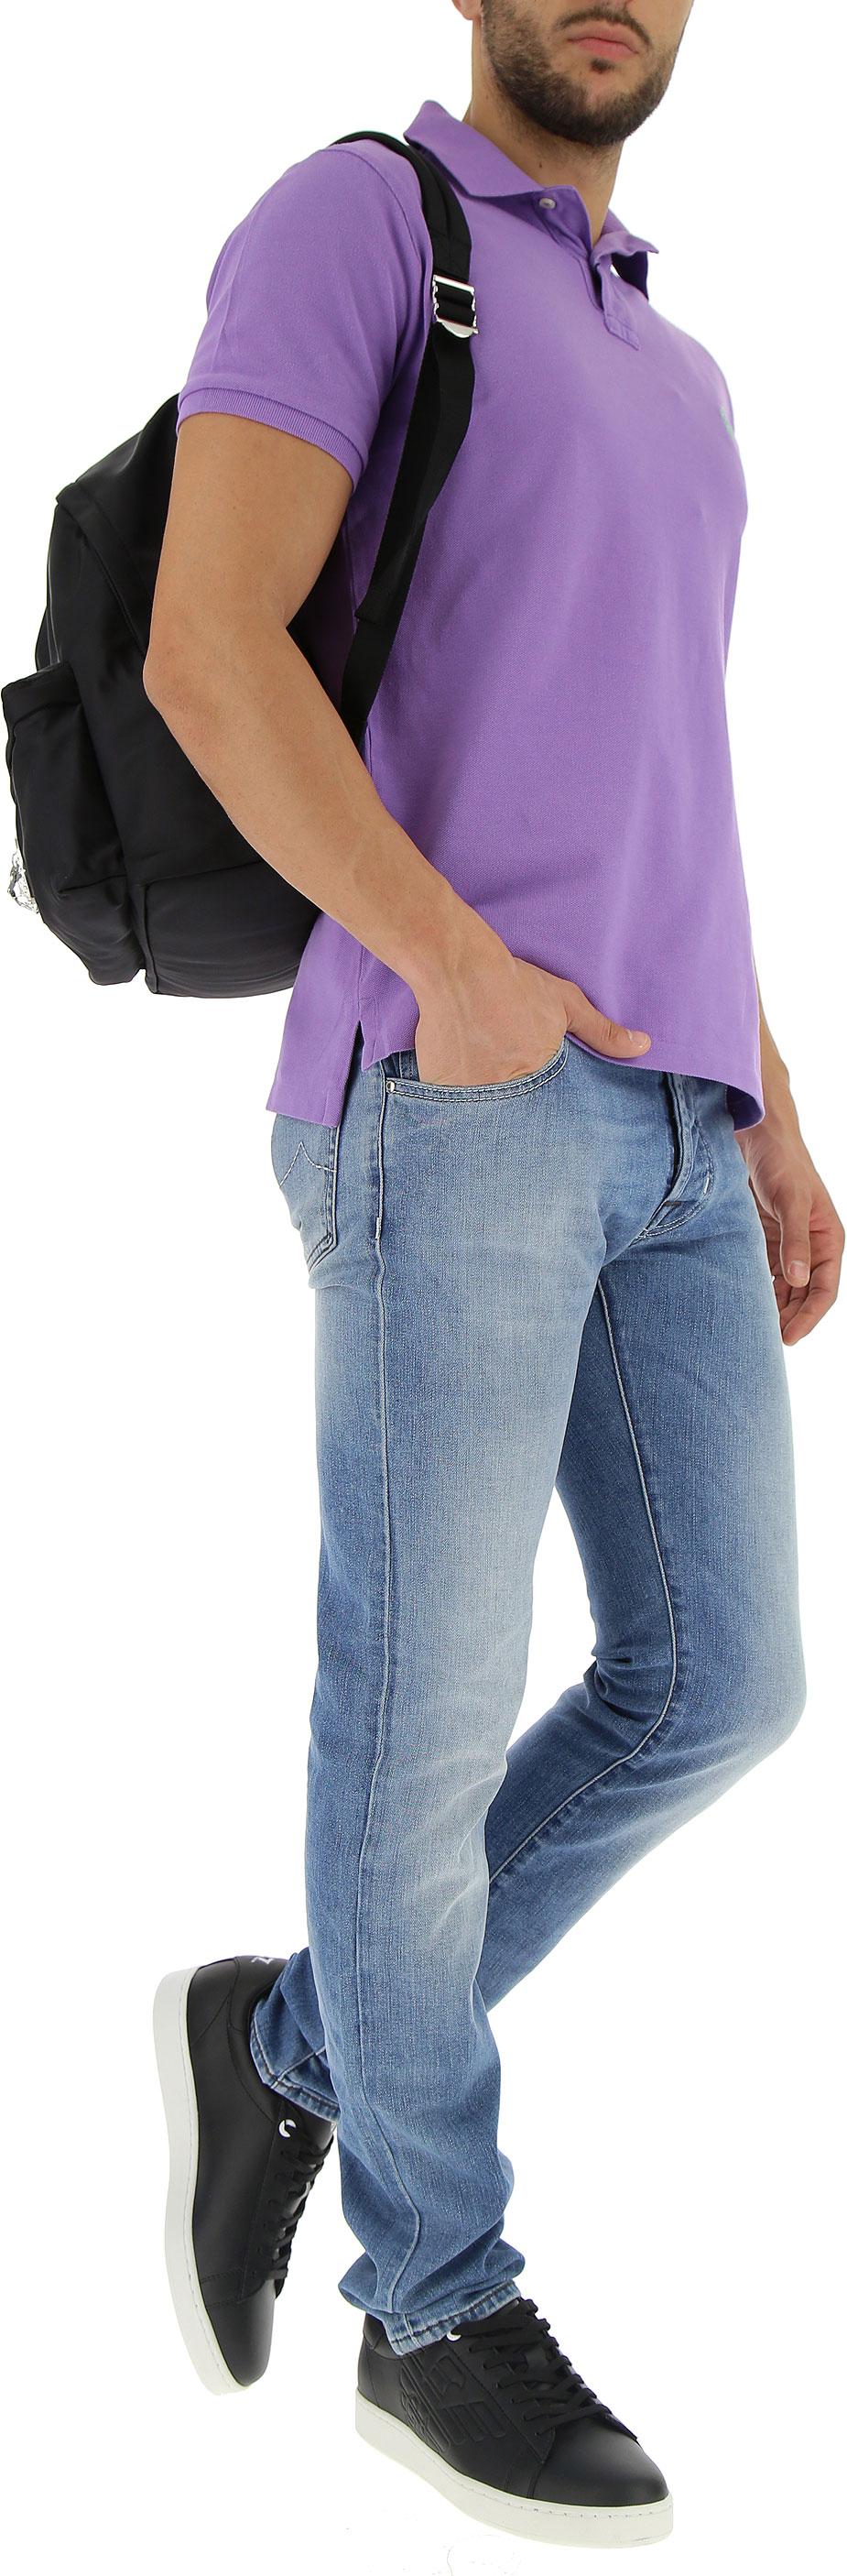 Abbigliamento Uomo Ralph Lauren, Codice Articolo: xzvy-xy7vh-xw7lp